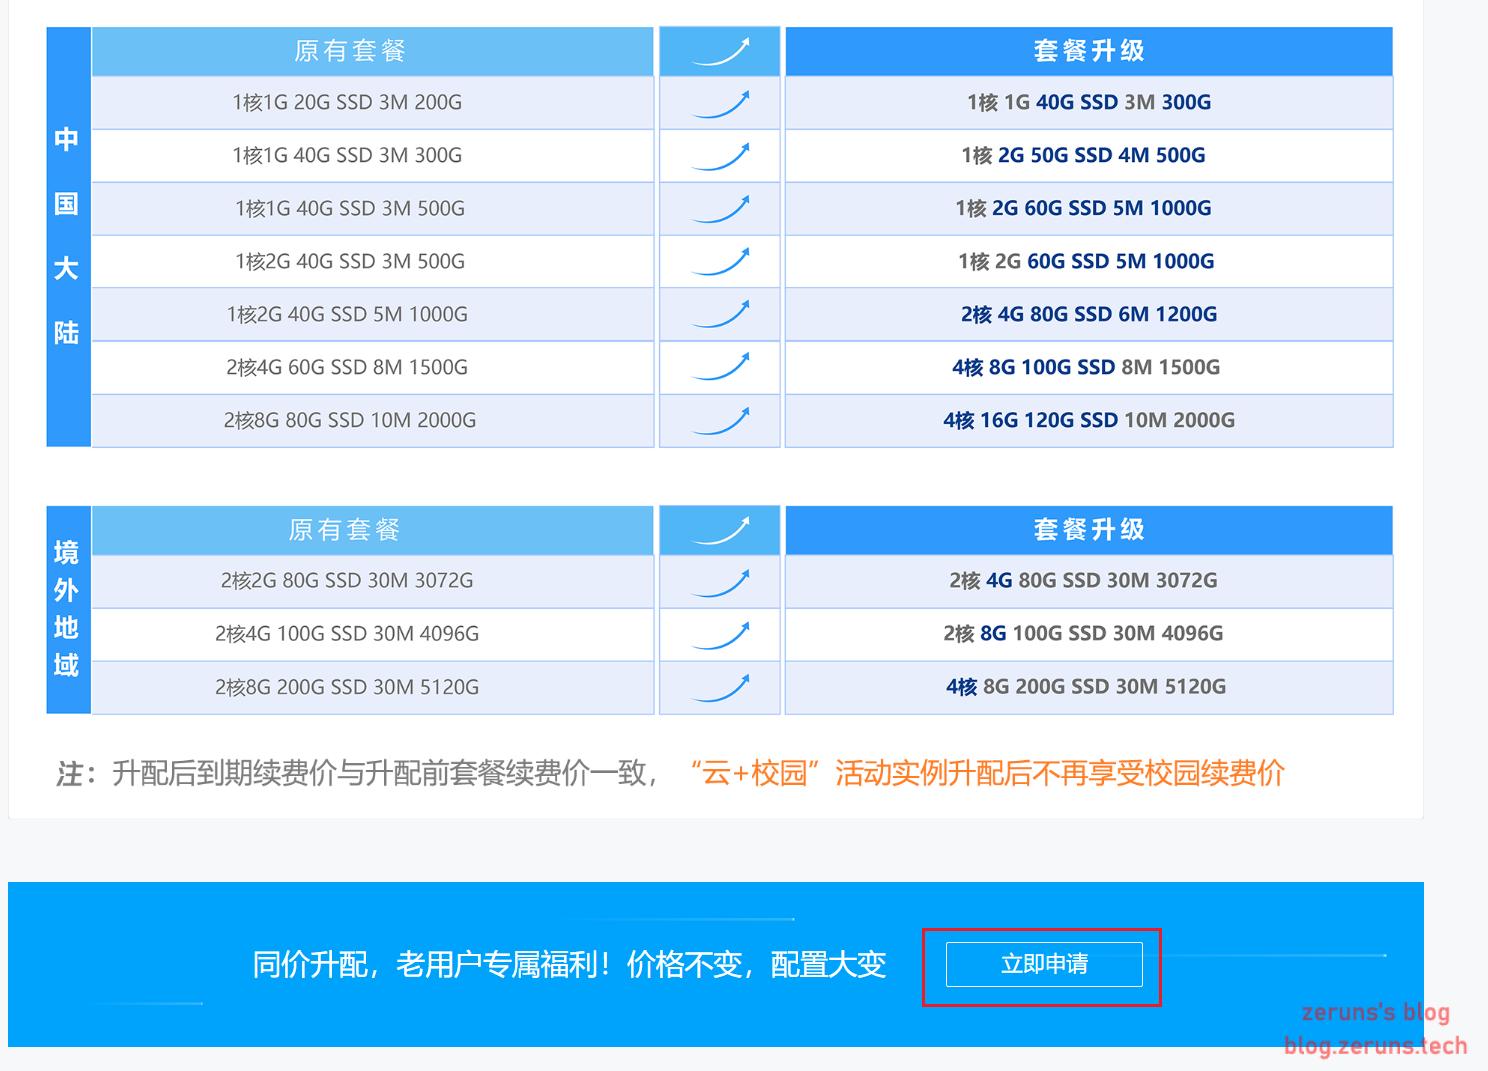 2021 02 03 23 35 22 - 腾讯云轻量应用服务器 2核4G内存6M带宽 3年仅488元!